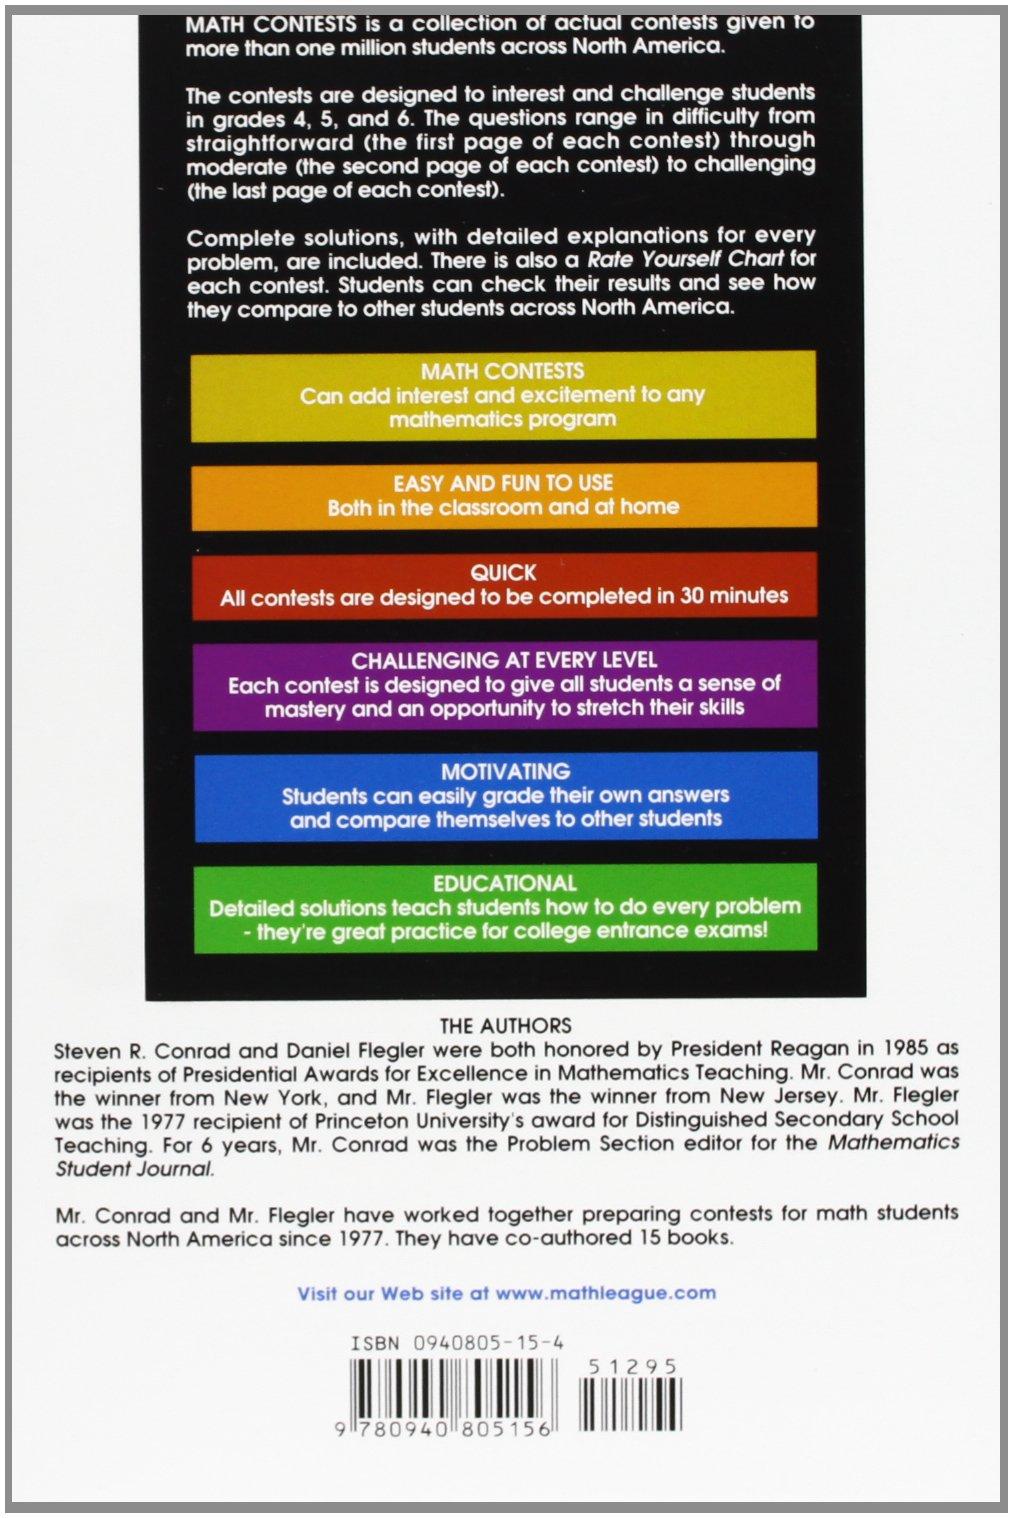 Amazon math contests grades 4 5 6 vol 5 9780940805156 amazon math contests grades 4 5 6 vol 5 9780940805156 steven r conrad daniel flegler books fandeluxe Image collections